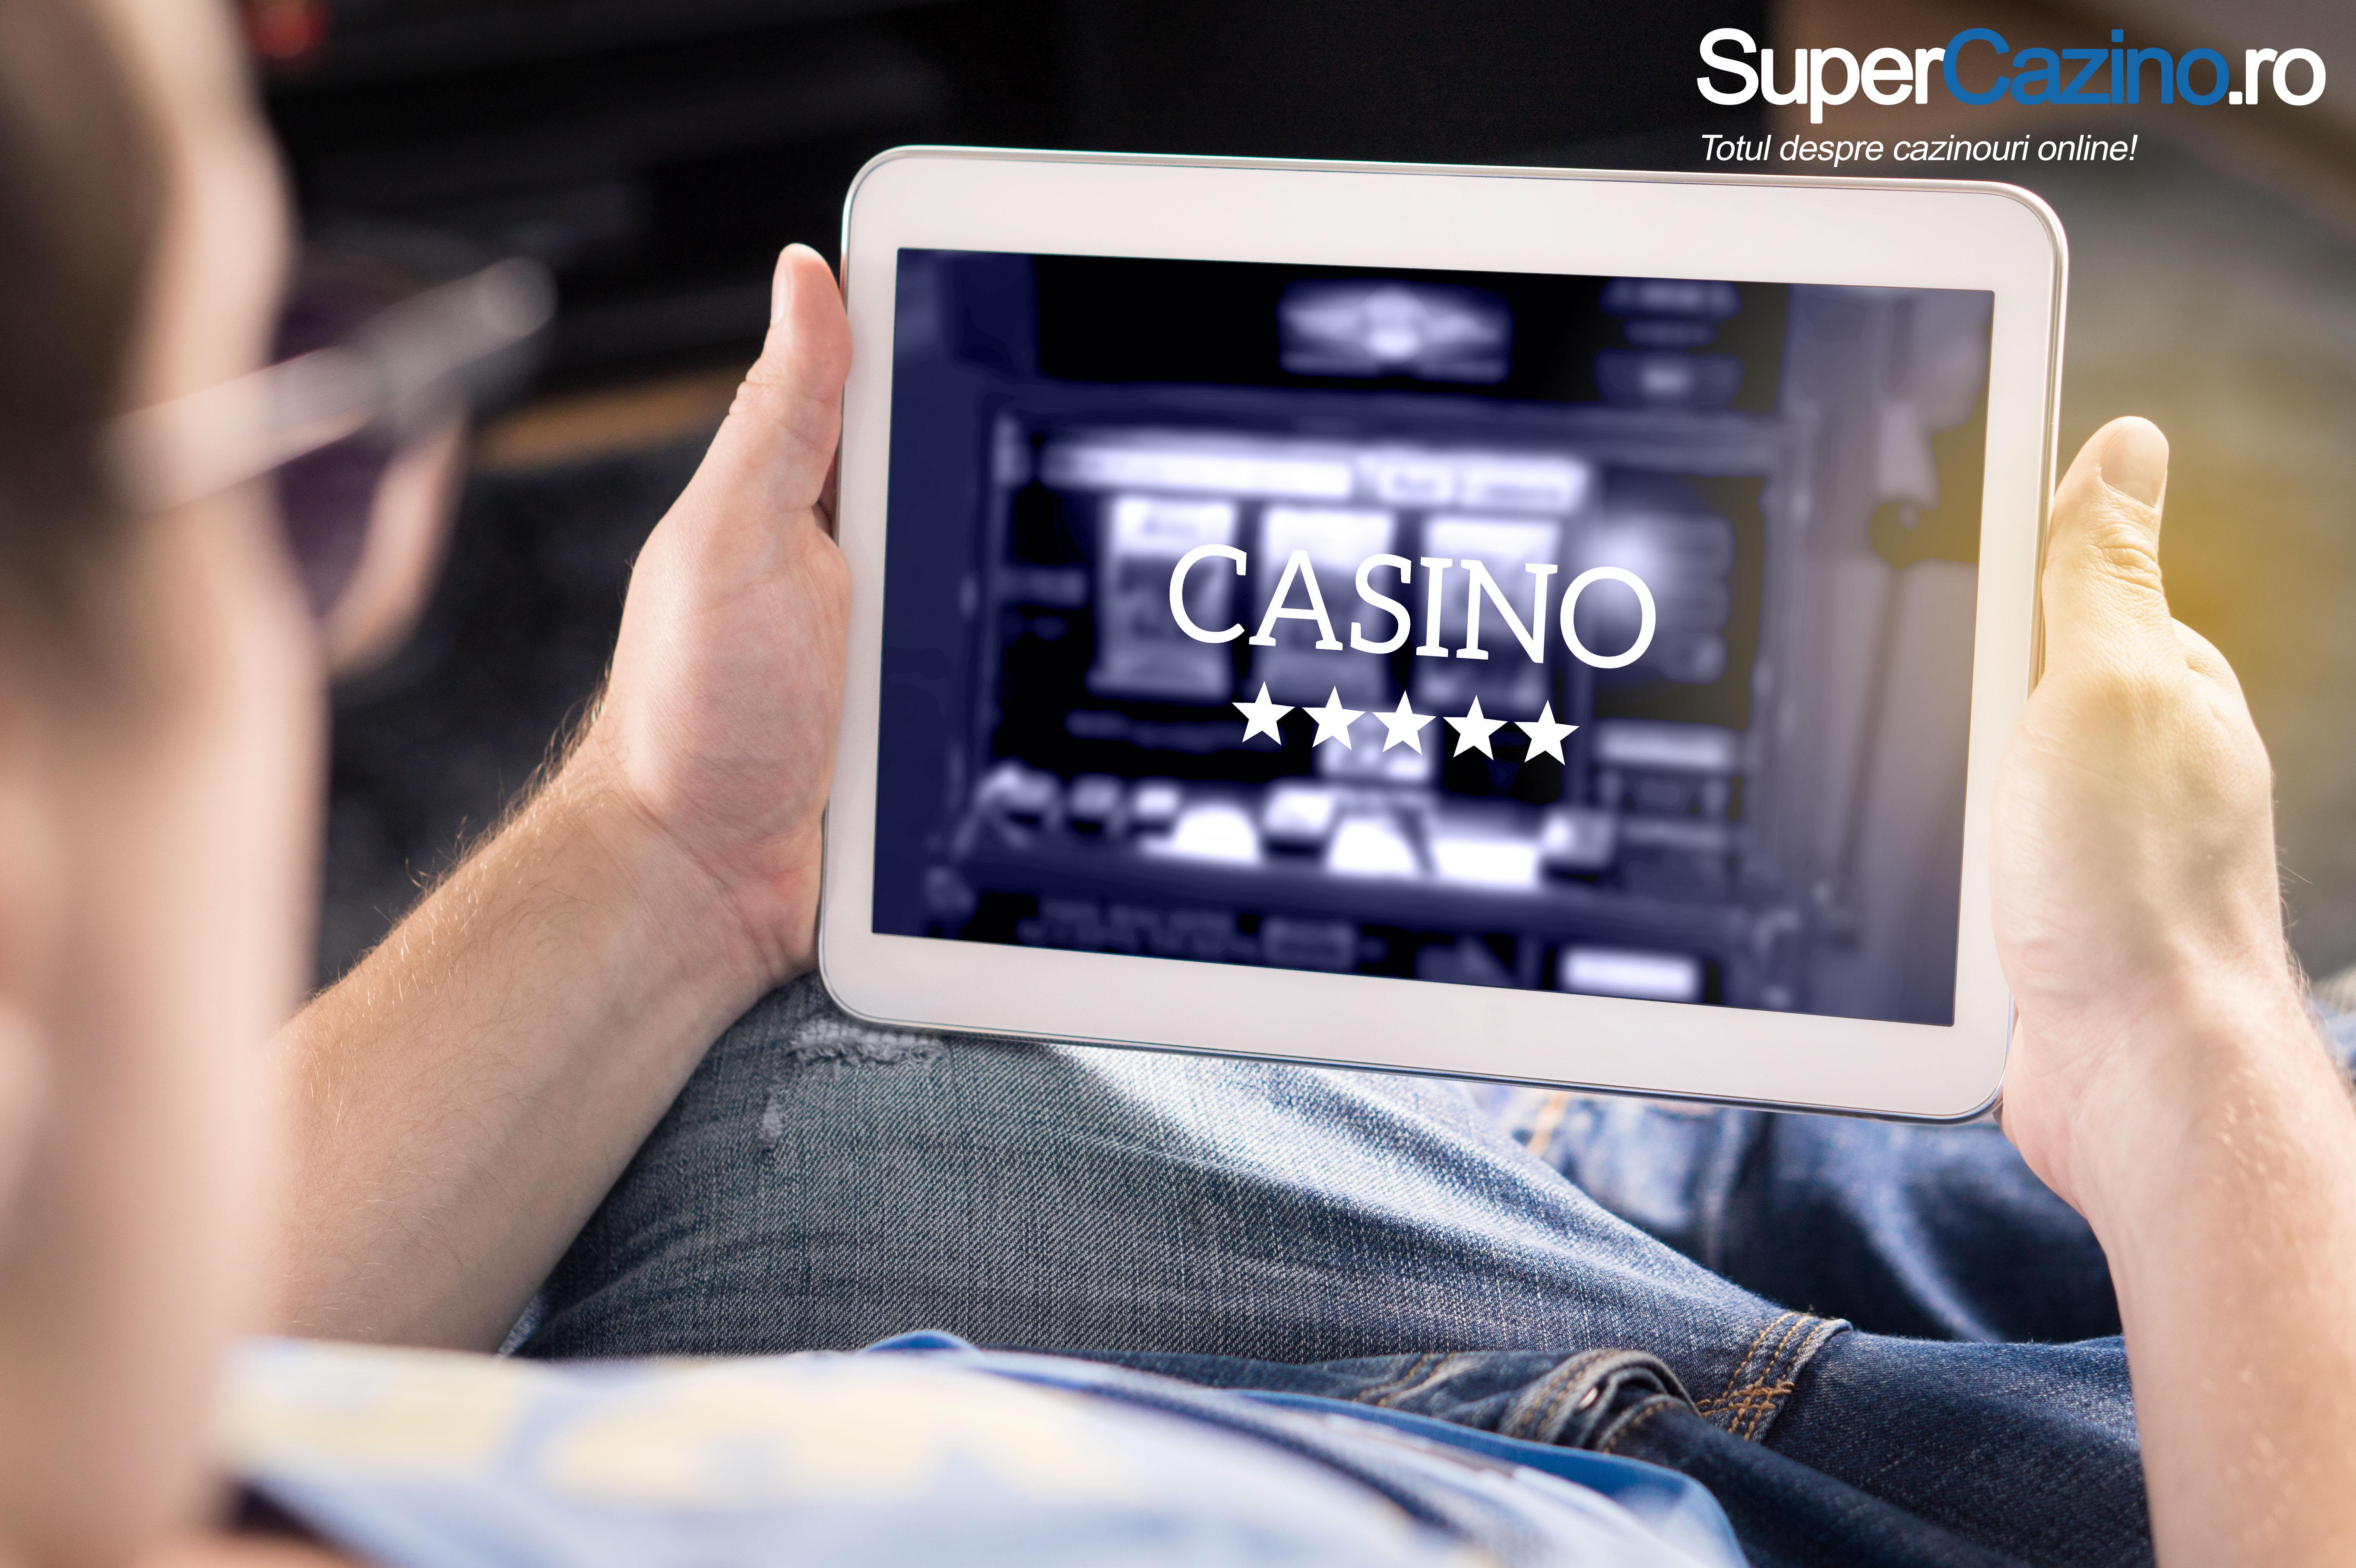 Profită de jocuri gratis la cazinourile online